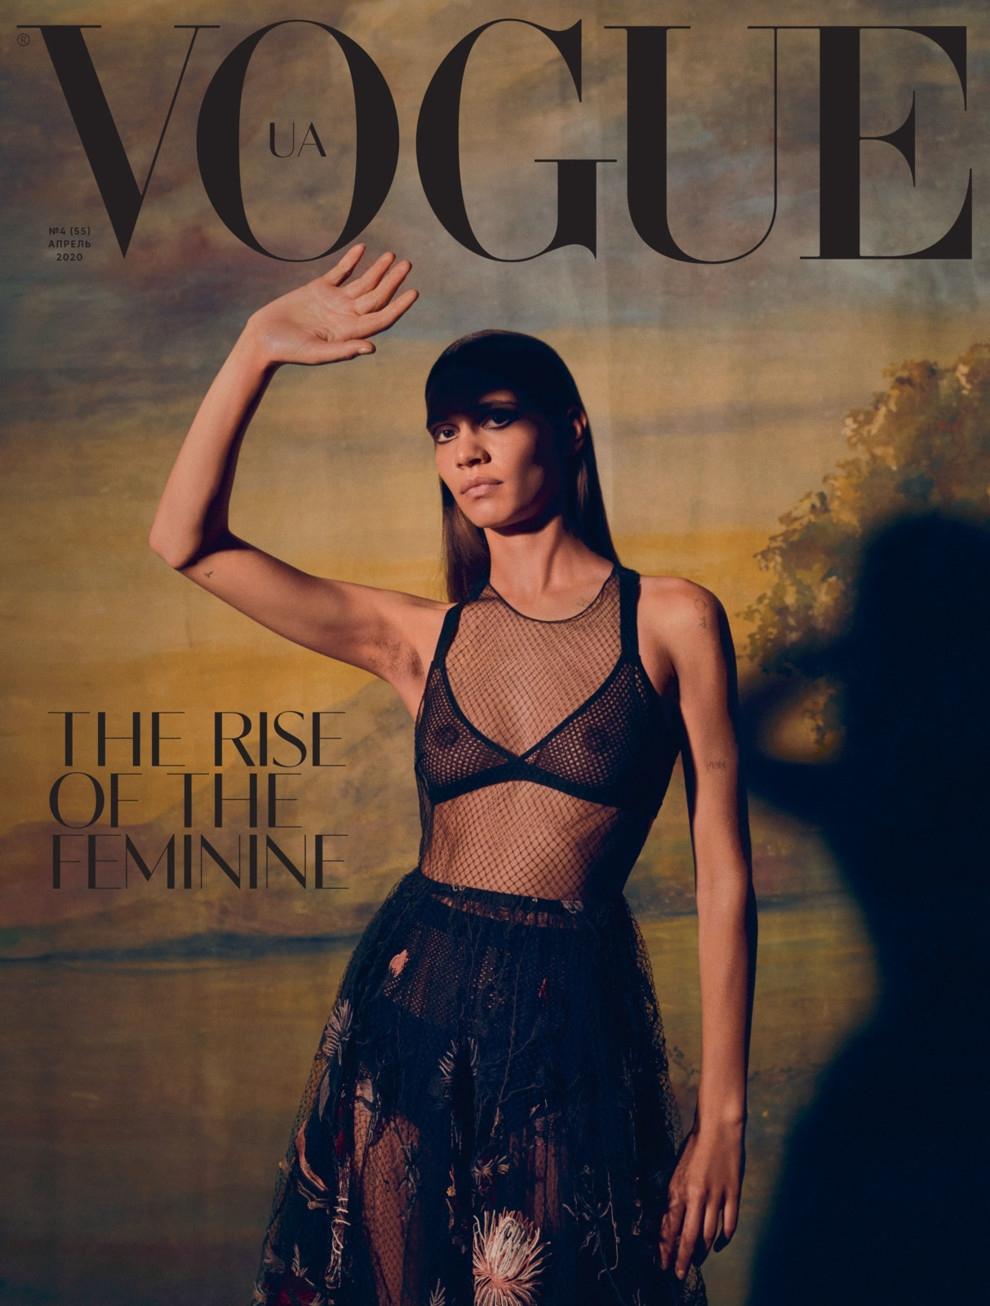 Феминизм, пуританство и новая женственность на апрельской обложке Vogue UA (ФОТО) - фото №1